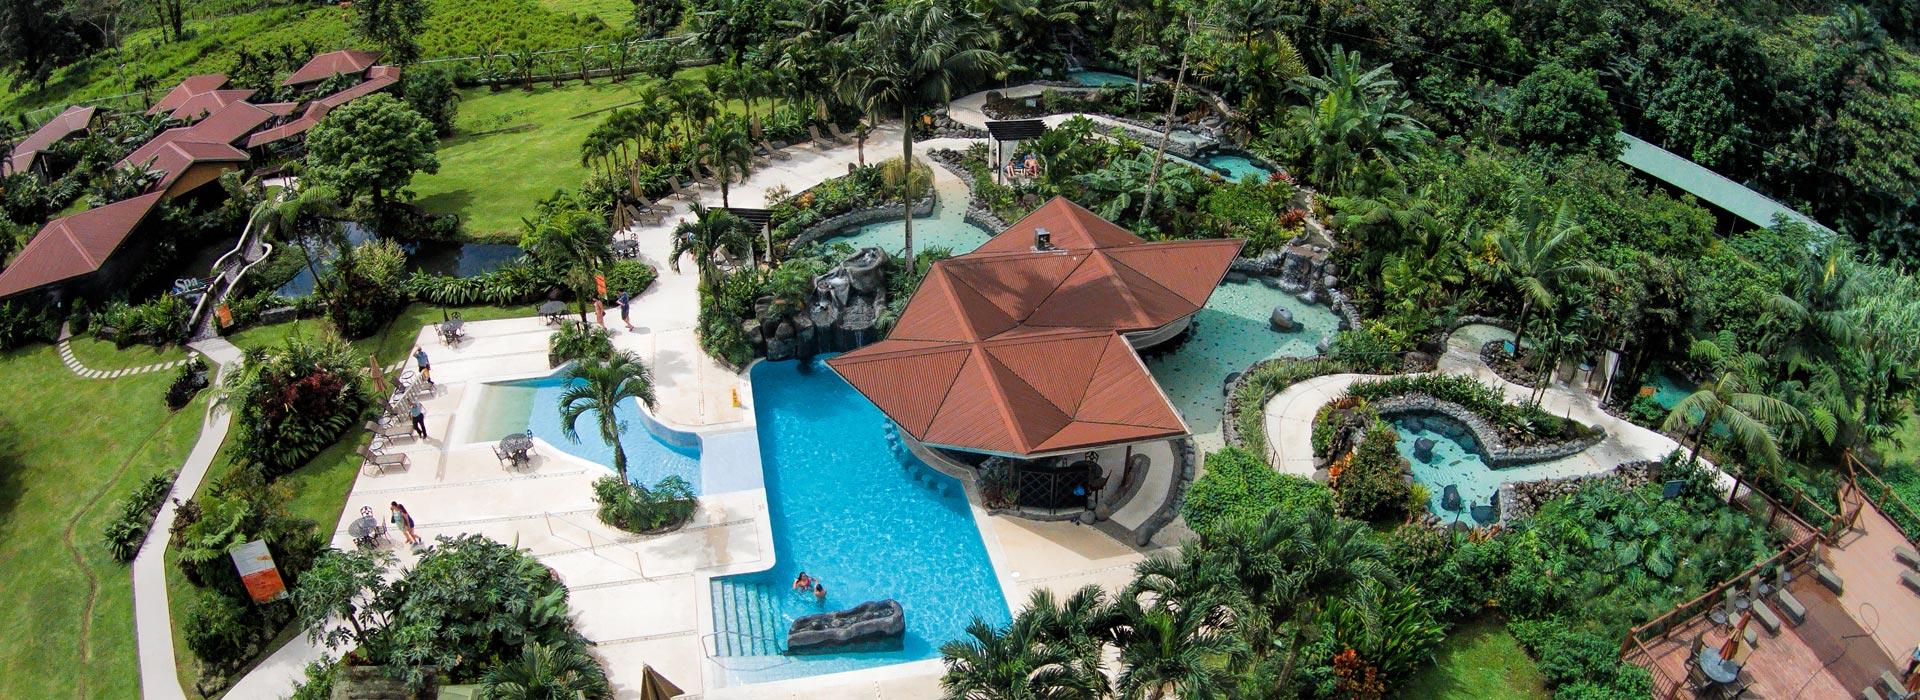 Hotel Arenal Springs.jpg